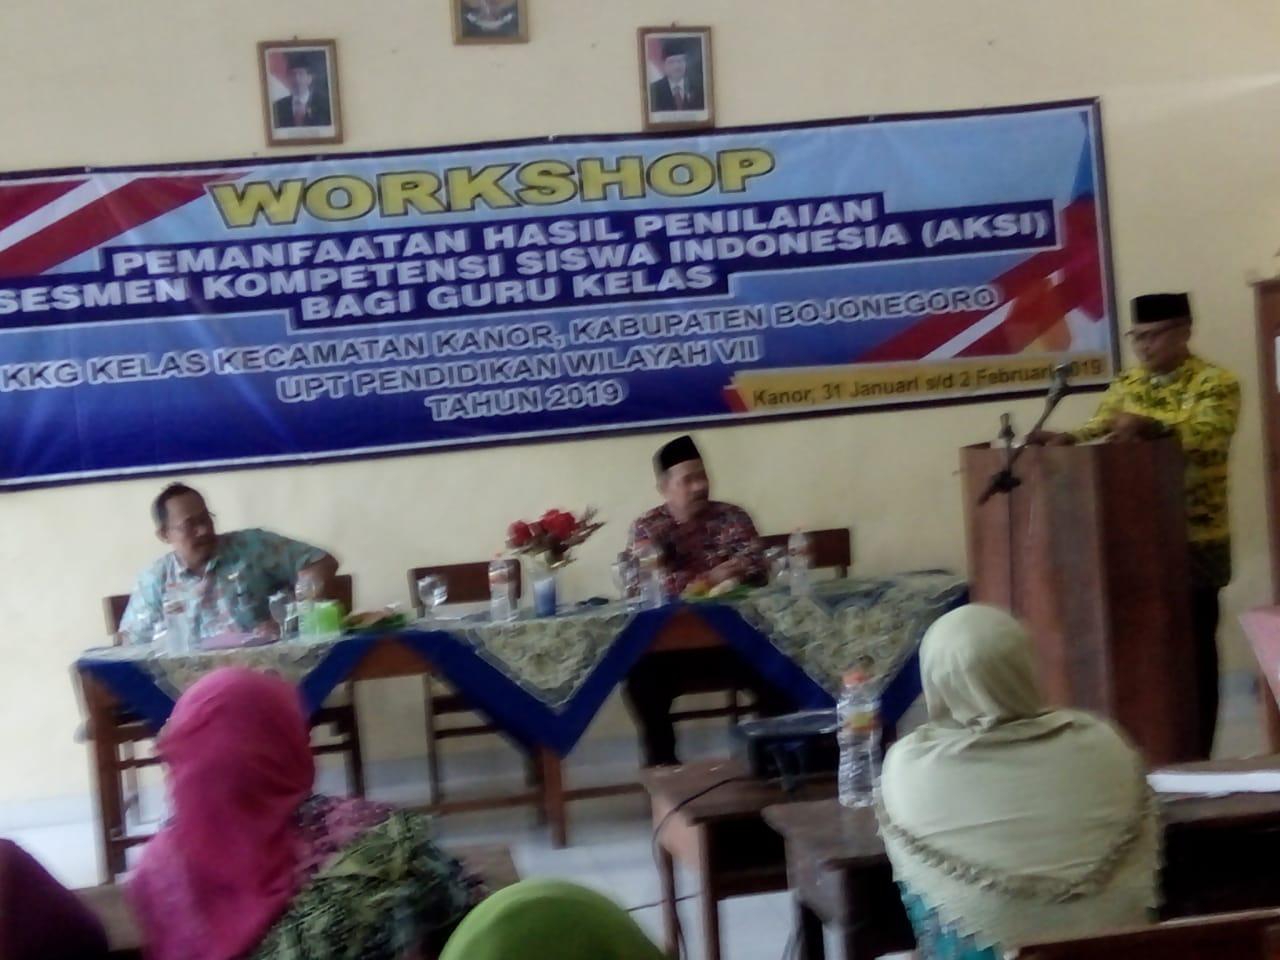 Contoh Laporan Pelatihan Workshop Aksi Asessmen Kompetensi Siswa Indonesia Bersamaguru Com